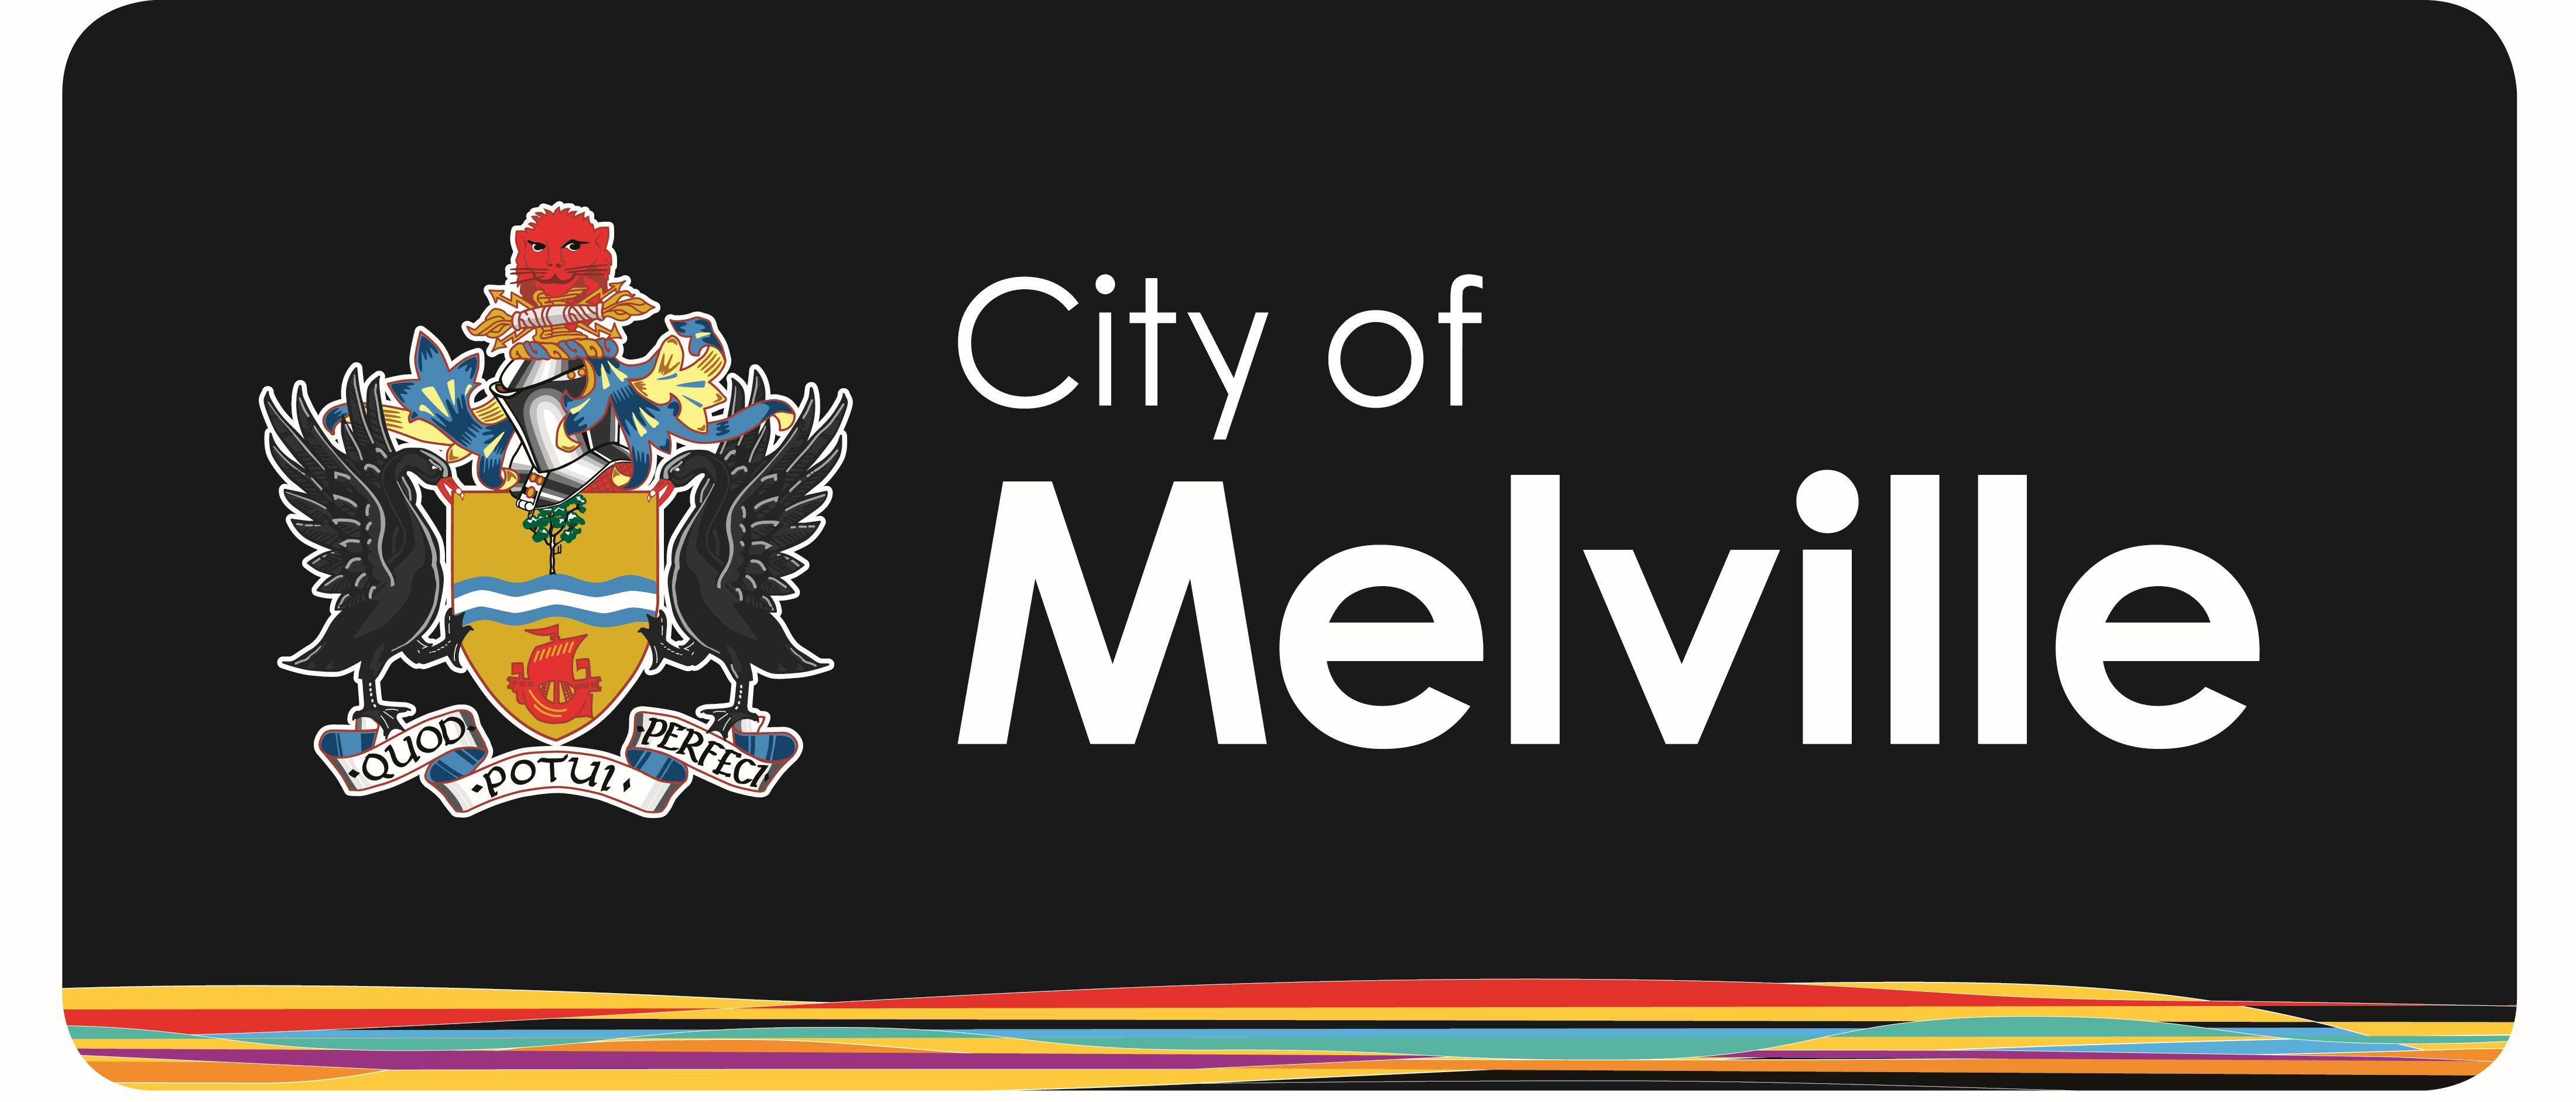 CityofMelville v6 1